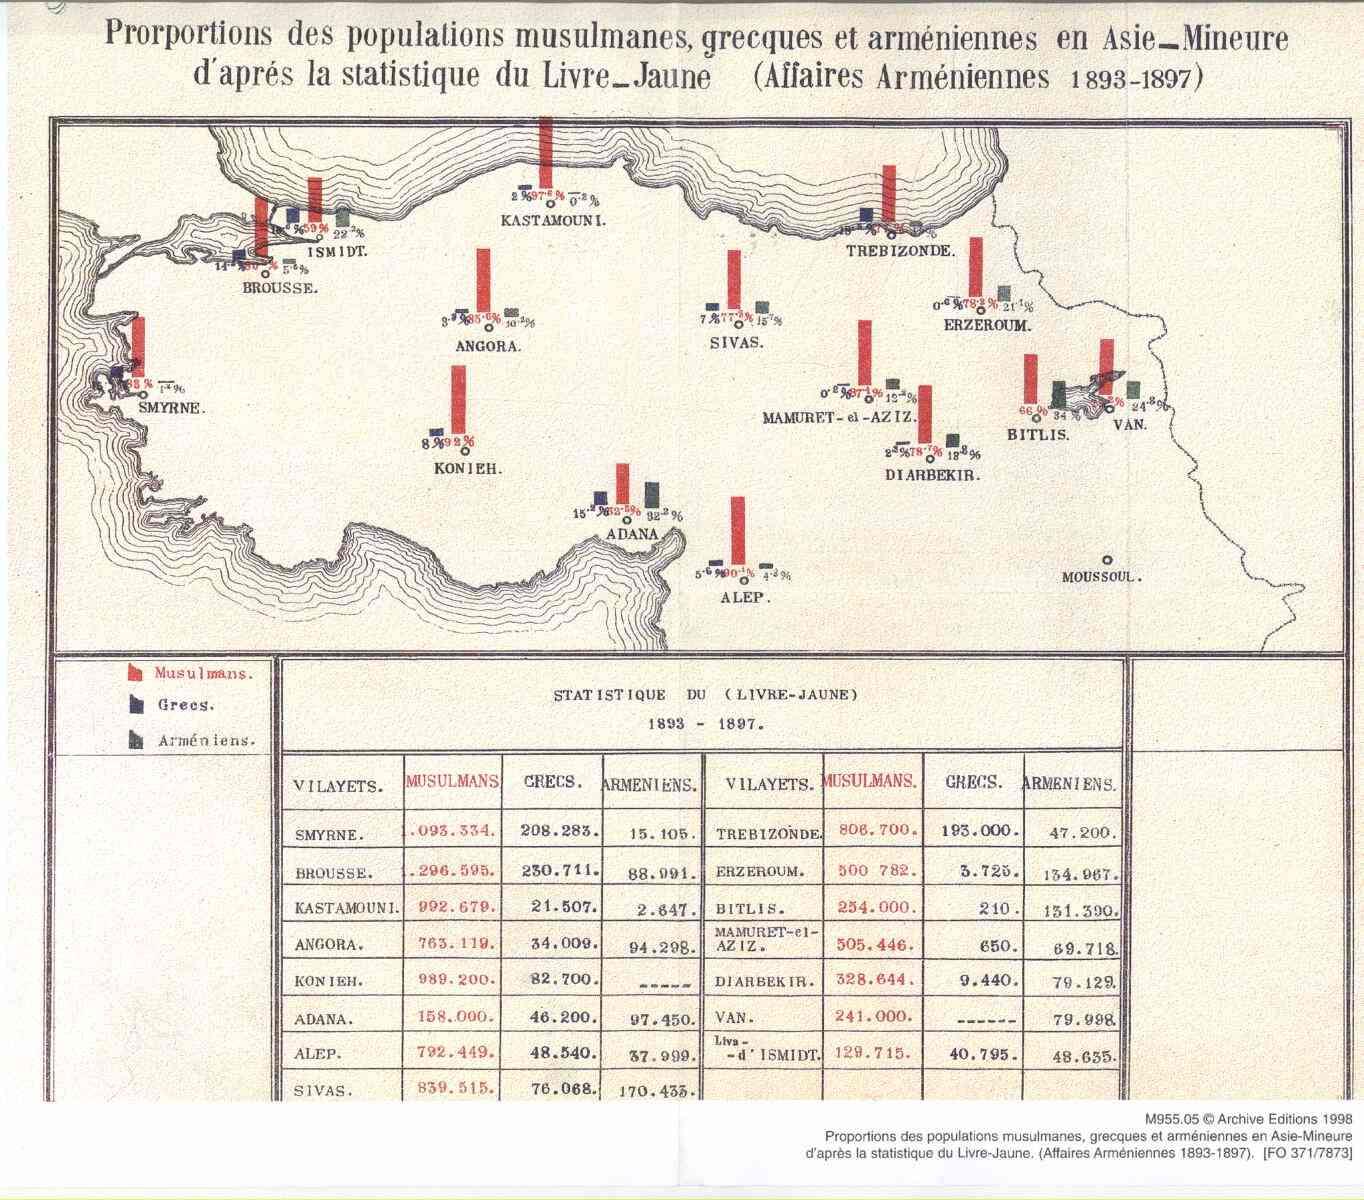 Prorportions_des_populations_musulmanes_grecques_et_armeniennes_en_AsieMineure_d%27apres_la_statistique_du_livreJaune.png